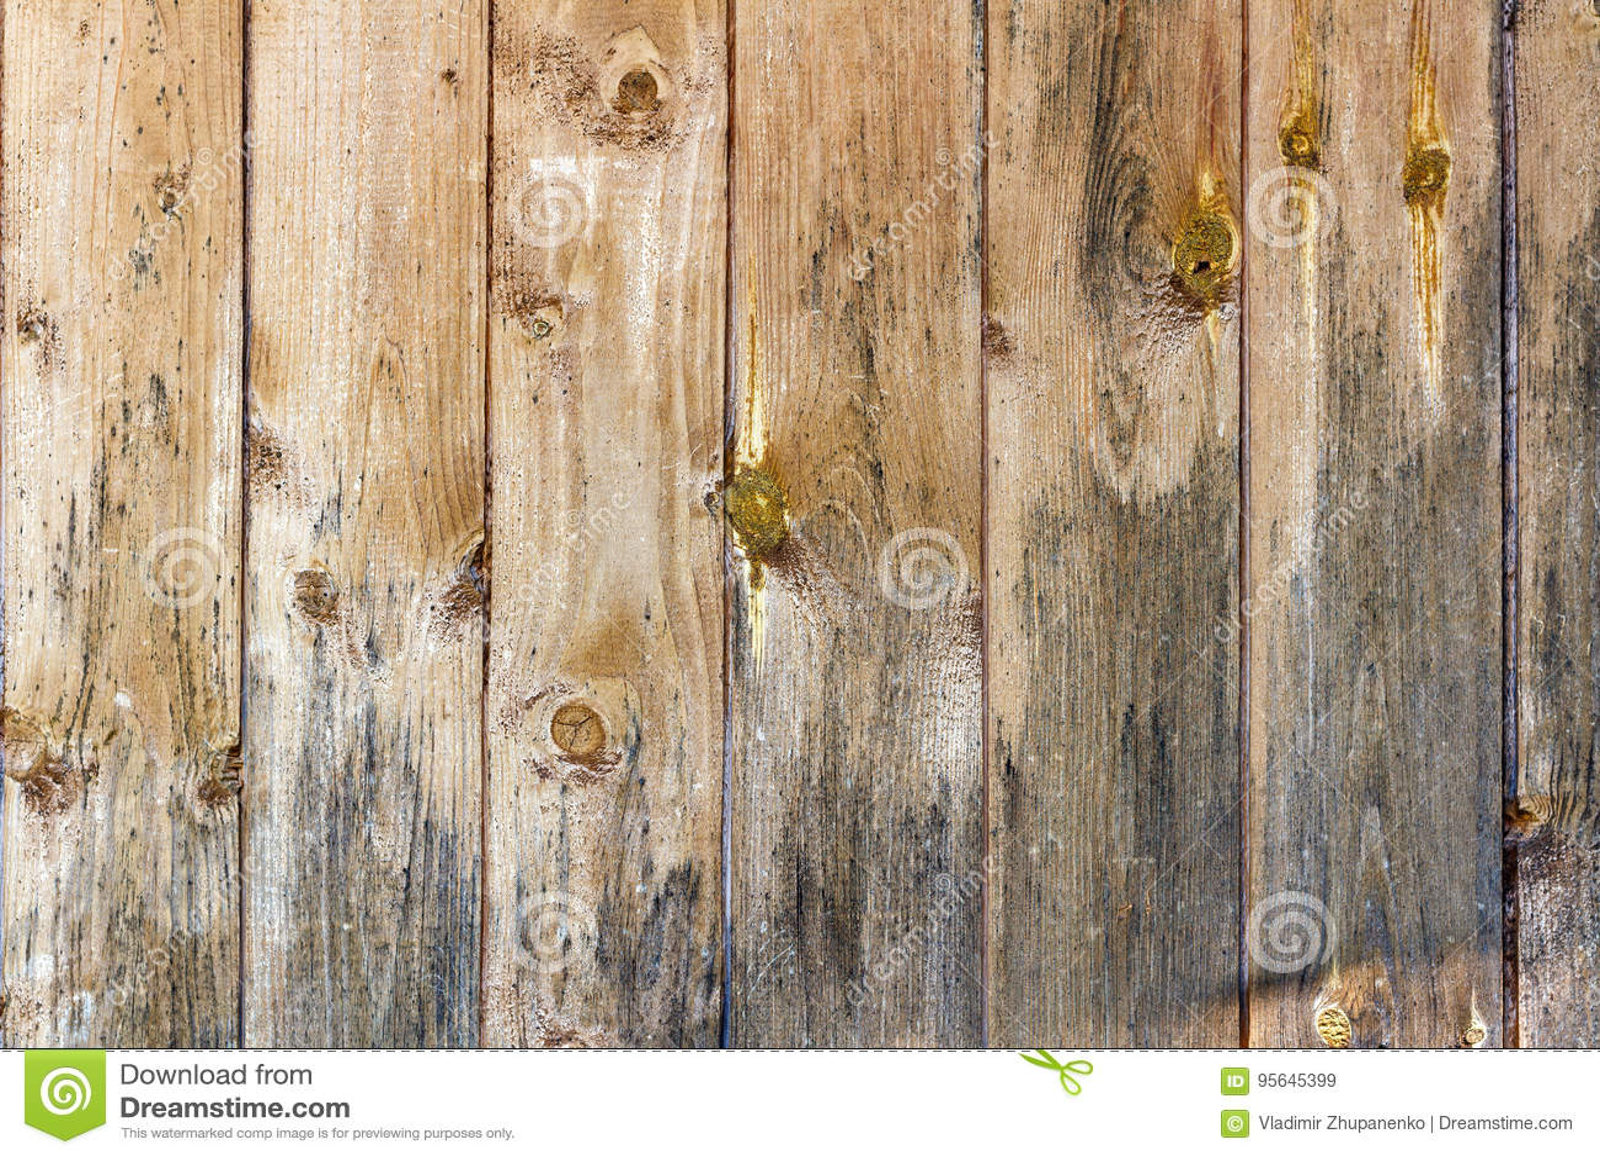 Старые выдержанные затрапезные деревянные планки древесина текстуры абстрактной предпосылки естественная